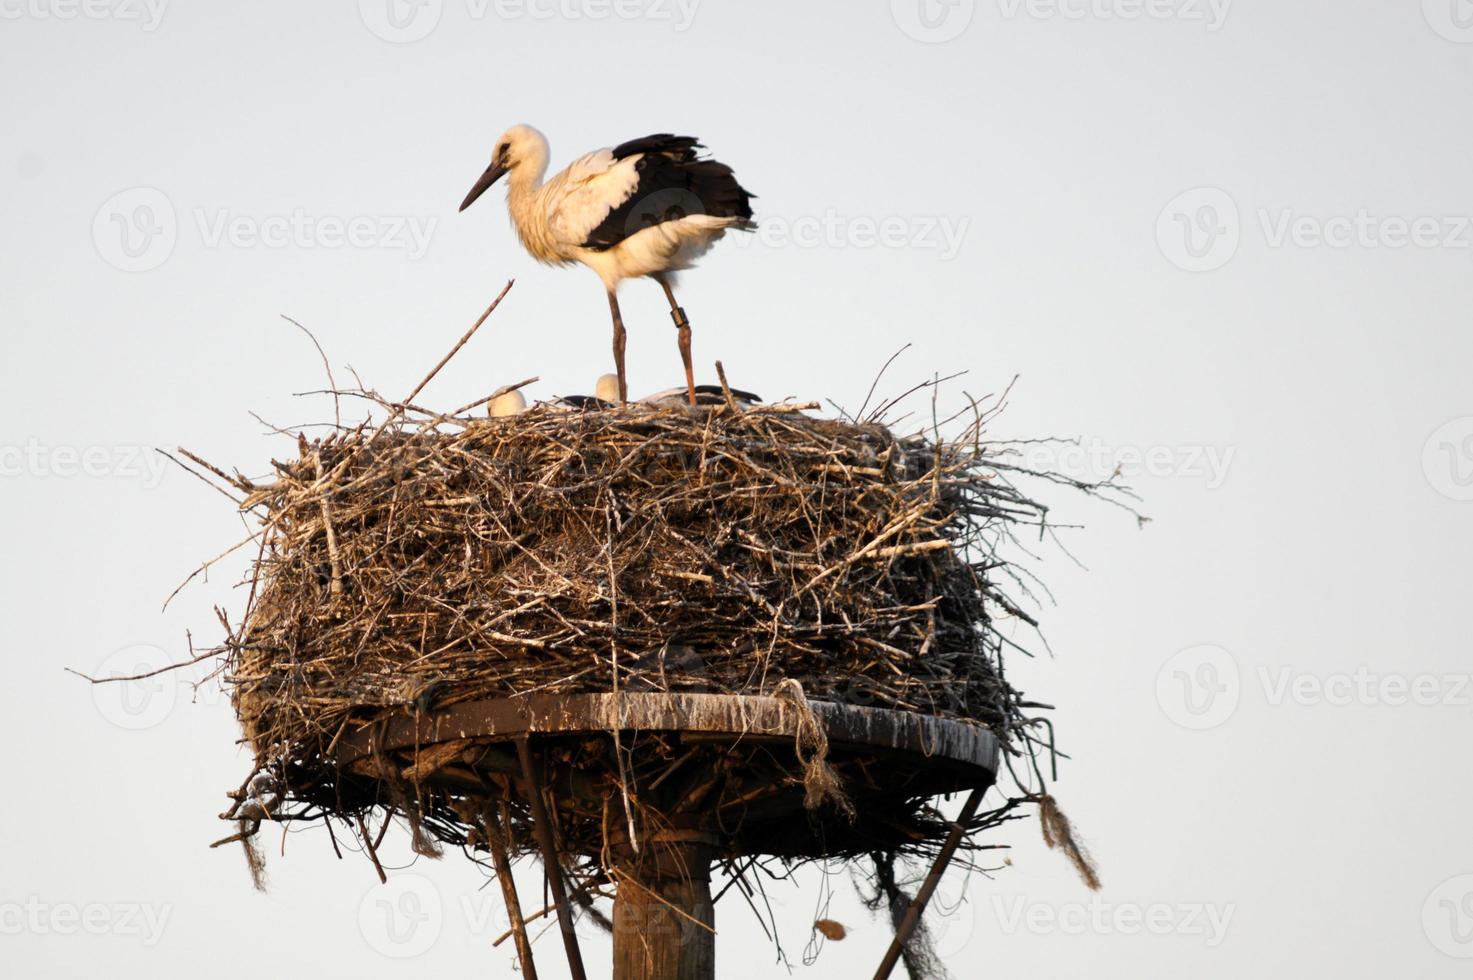 ooievaar in het nest met jongeren foto